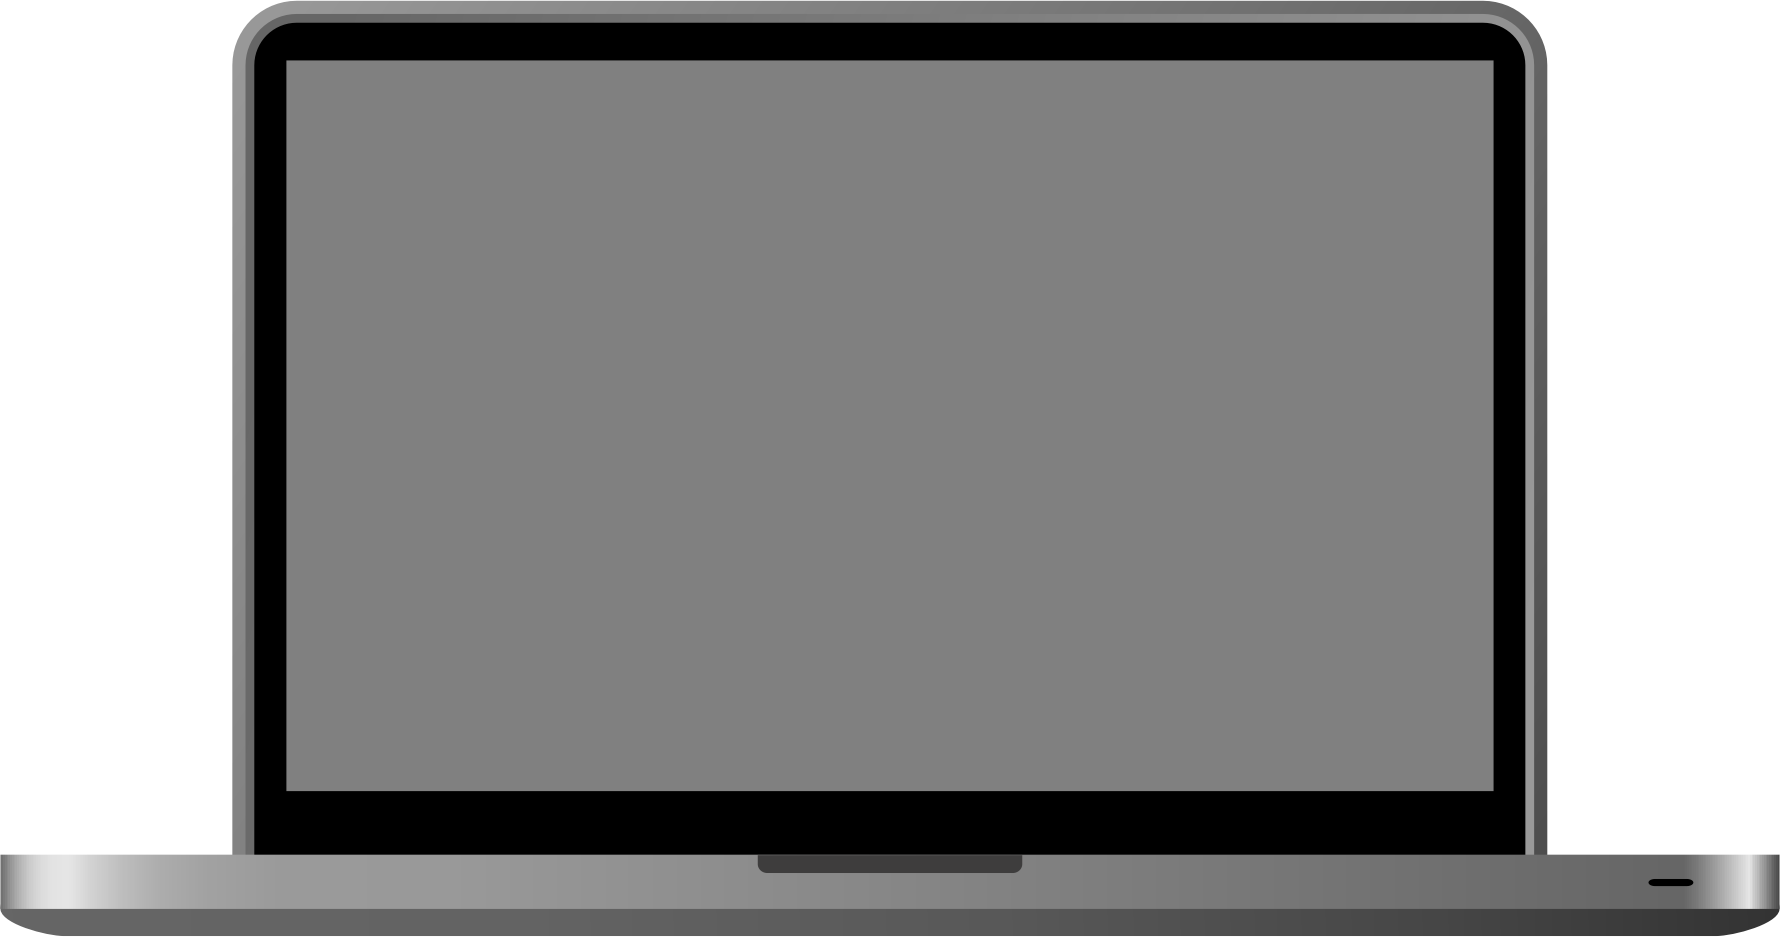 Download Laptop Clipart Clip art of Laptop Clipart #3194 — Clipartwork.